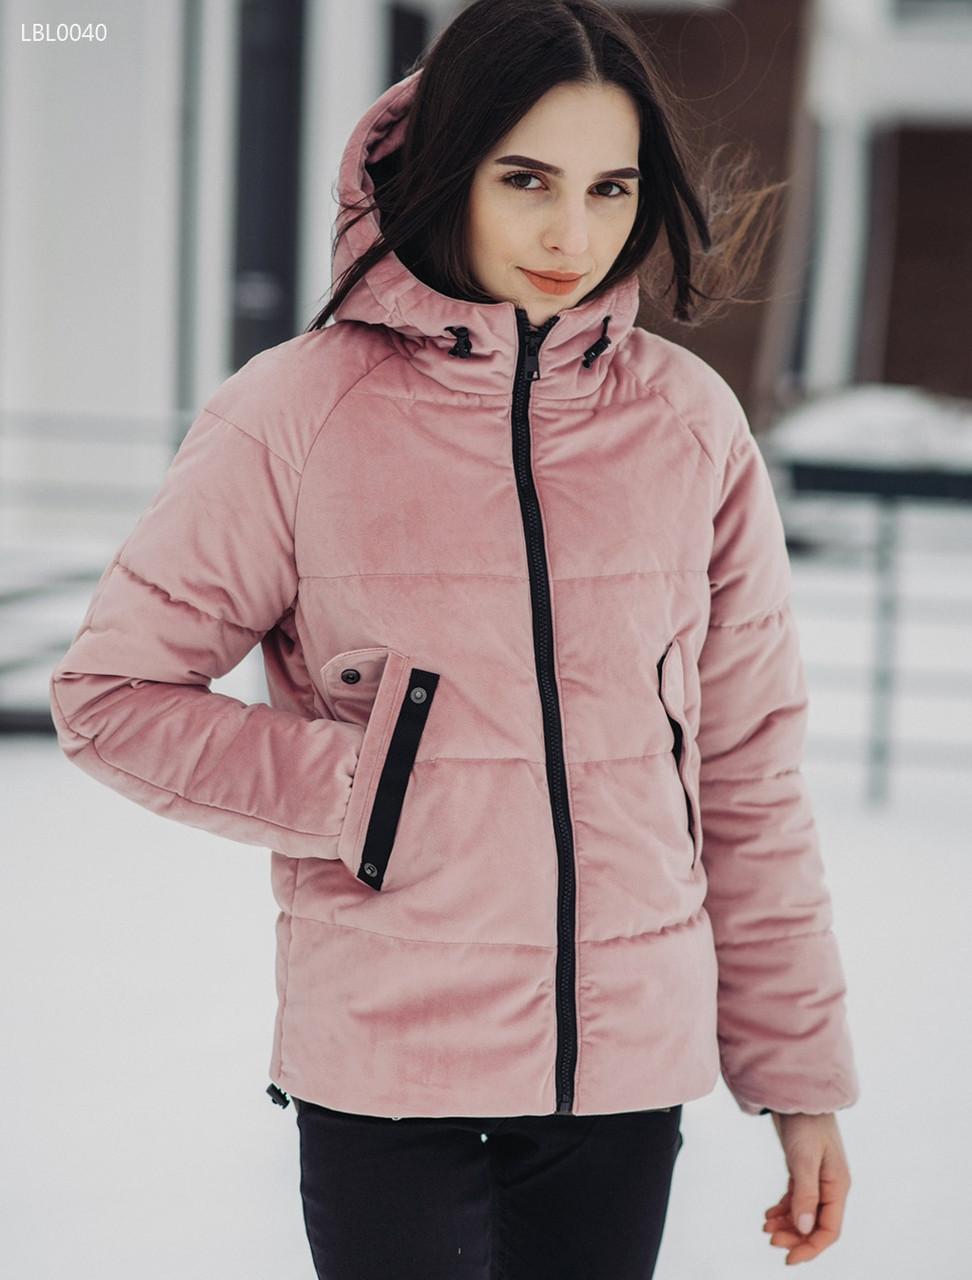 Женская зимняя куртка Staff - Velours ros Art. LBL0040 (Размеры - S ... a4df58440d13e